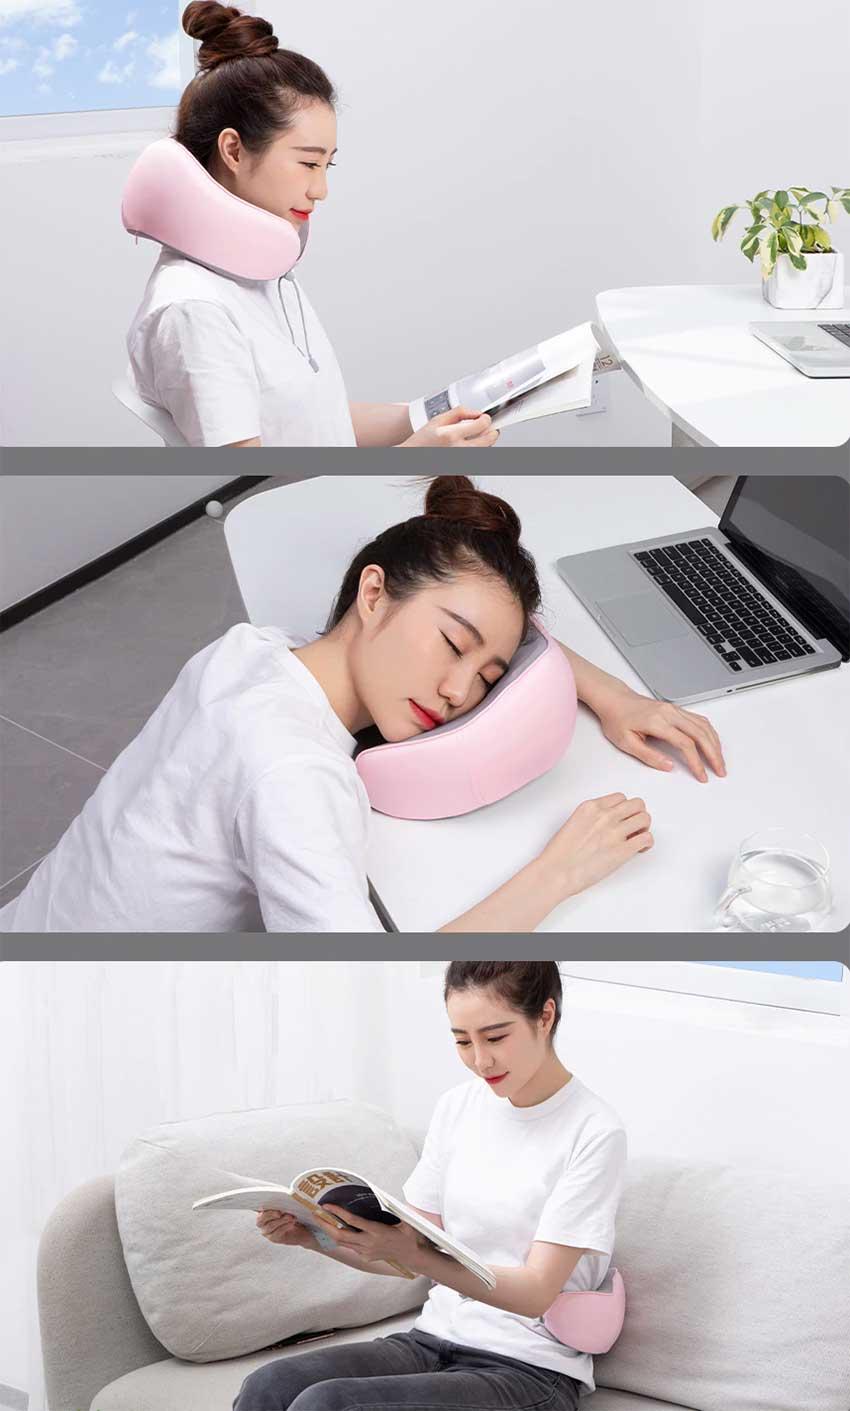 Baseus-U-Shaped-Neck-Pillow-bd.jpg2.jpg?